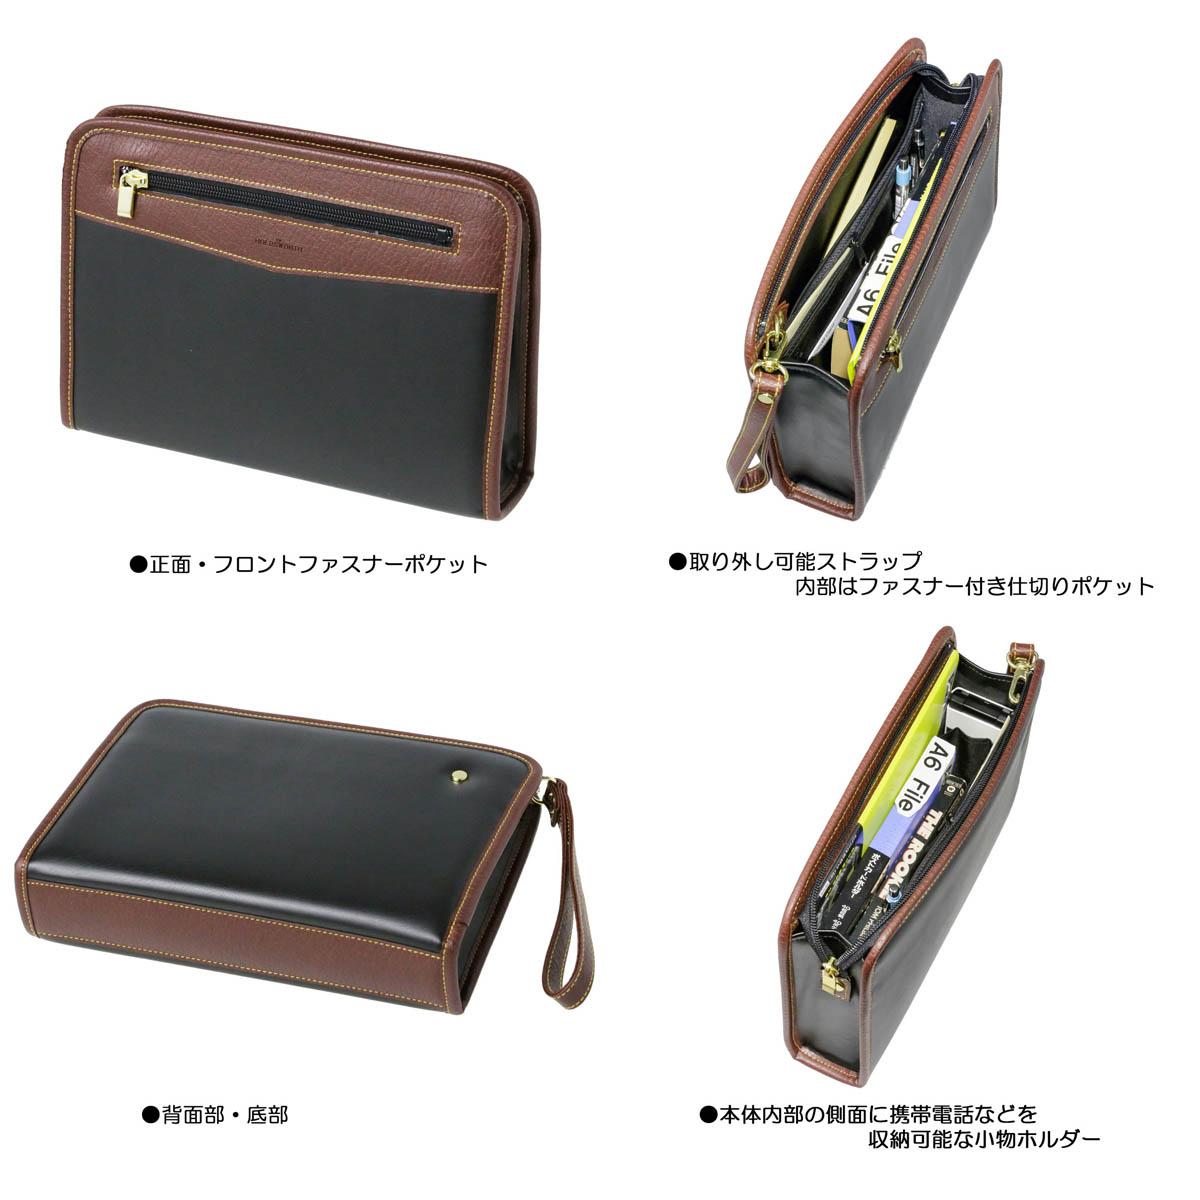 ● 역사 이다 가방 산지 ● HOLDSWORTH 세컨드 가방 1501 ● 지갑 · 휴대 전화 등 미세한 물질의 운반에